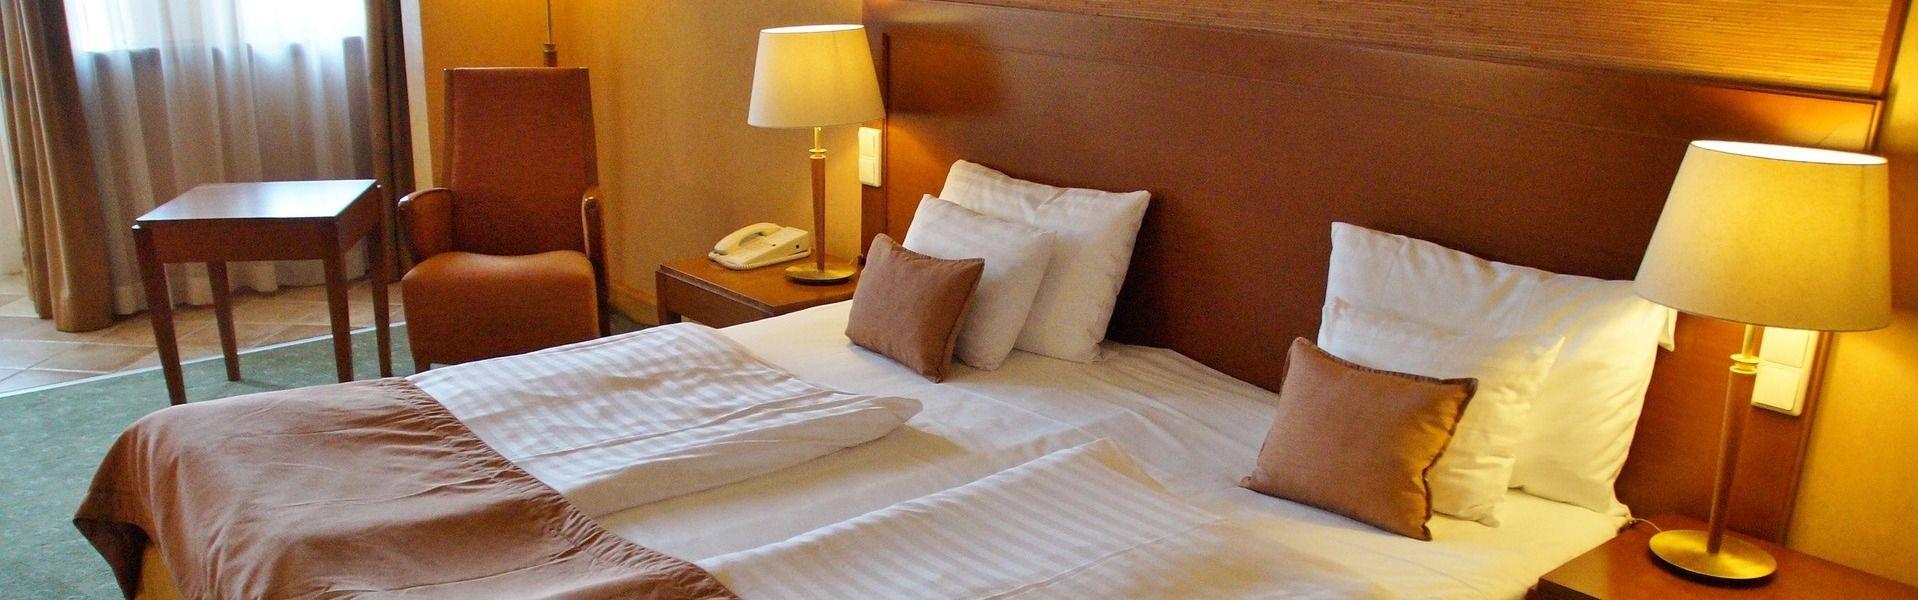 ristrutturazione hotel-bonus alberghi